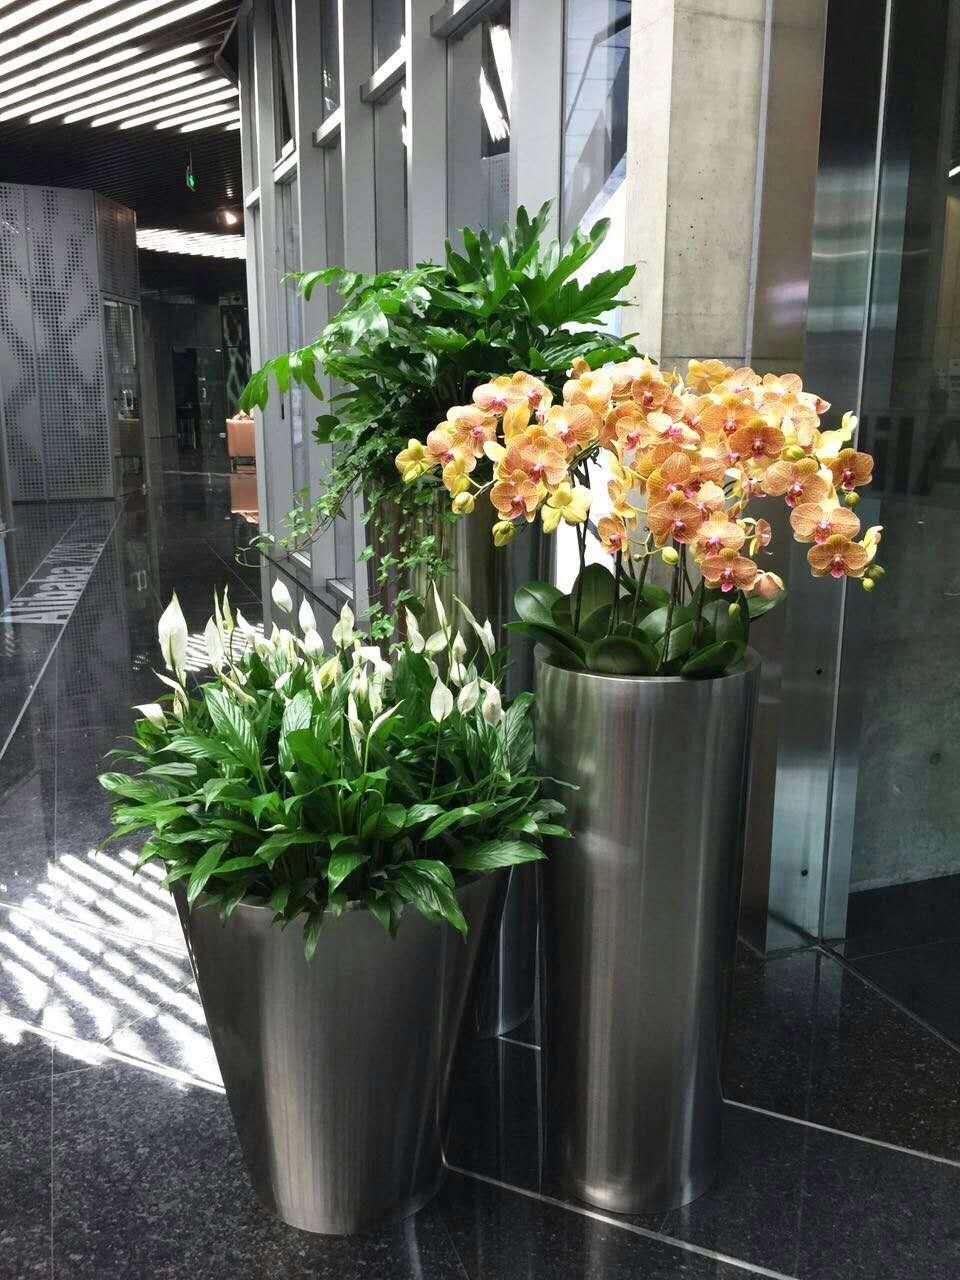 植物租赁优势